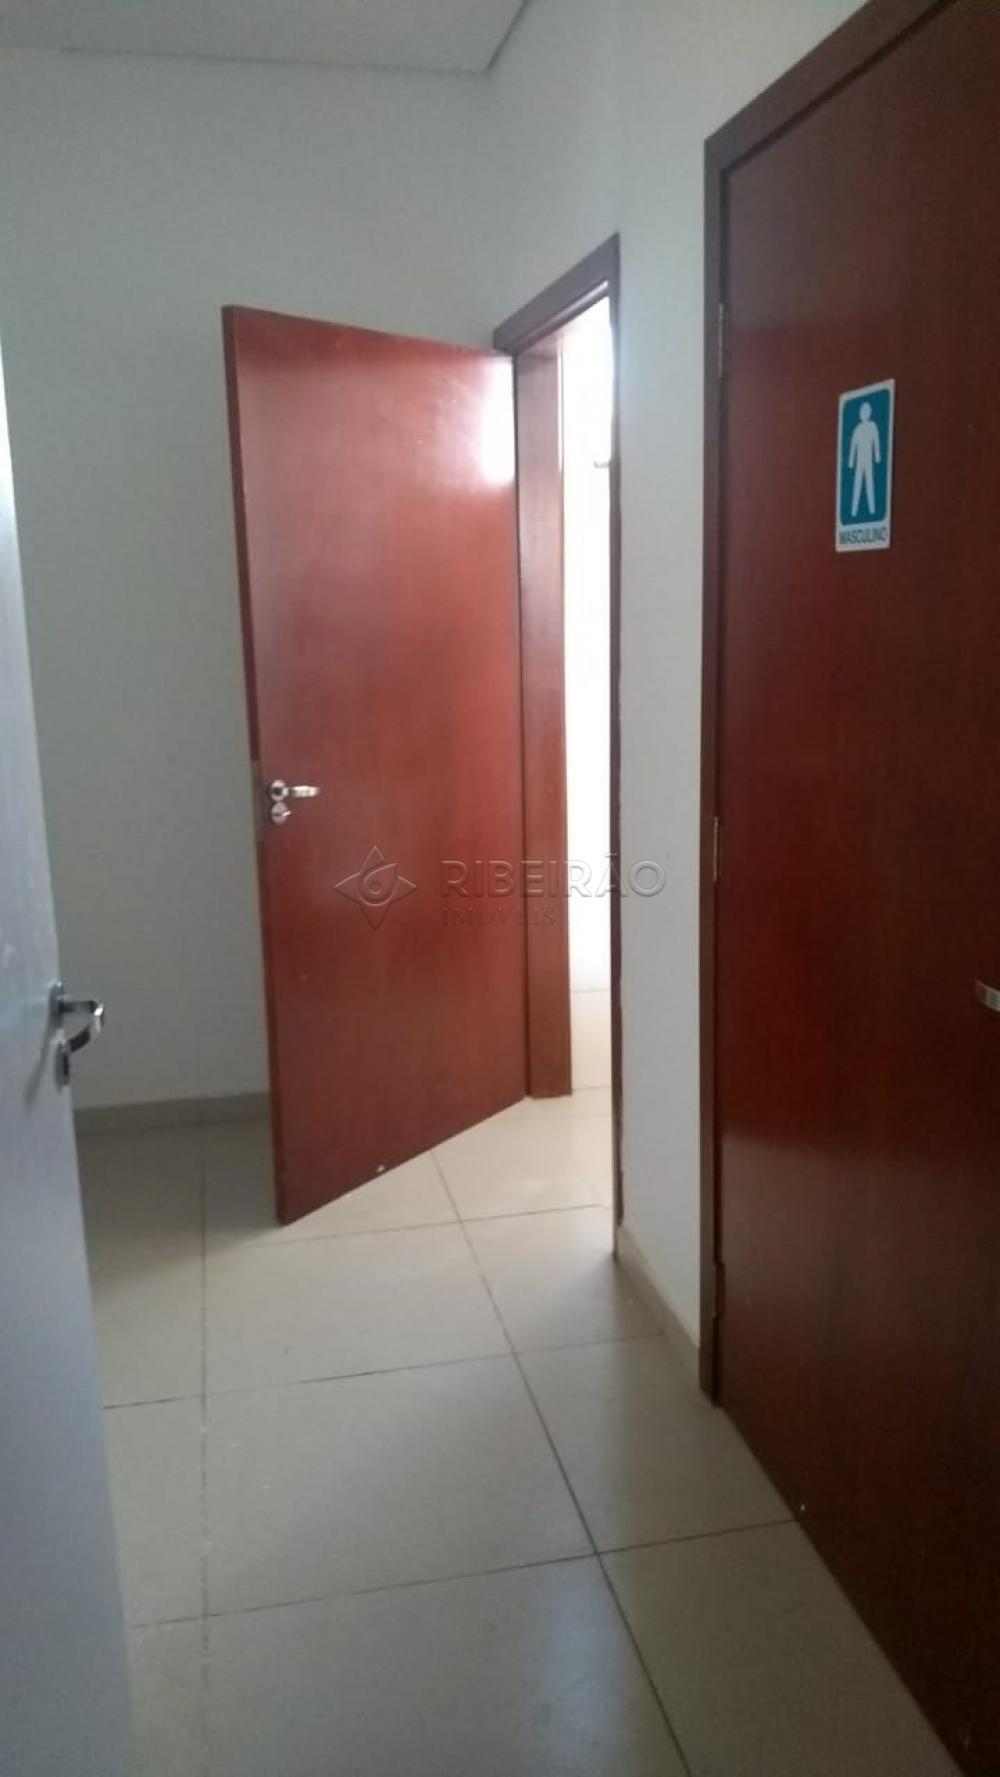 Alugar Comercial / Prédio em Ribeirão Preto R$ 12.000,00 - Foto 7